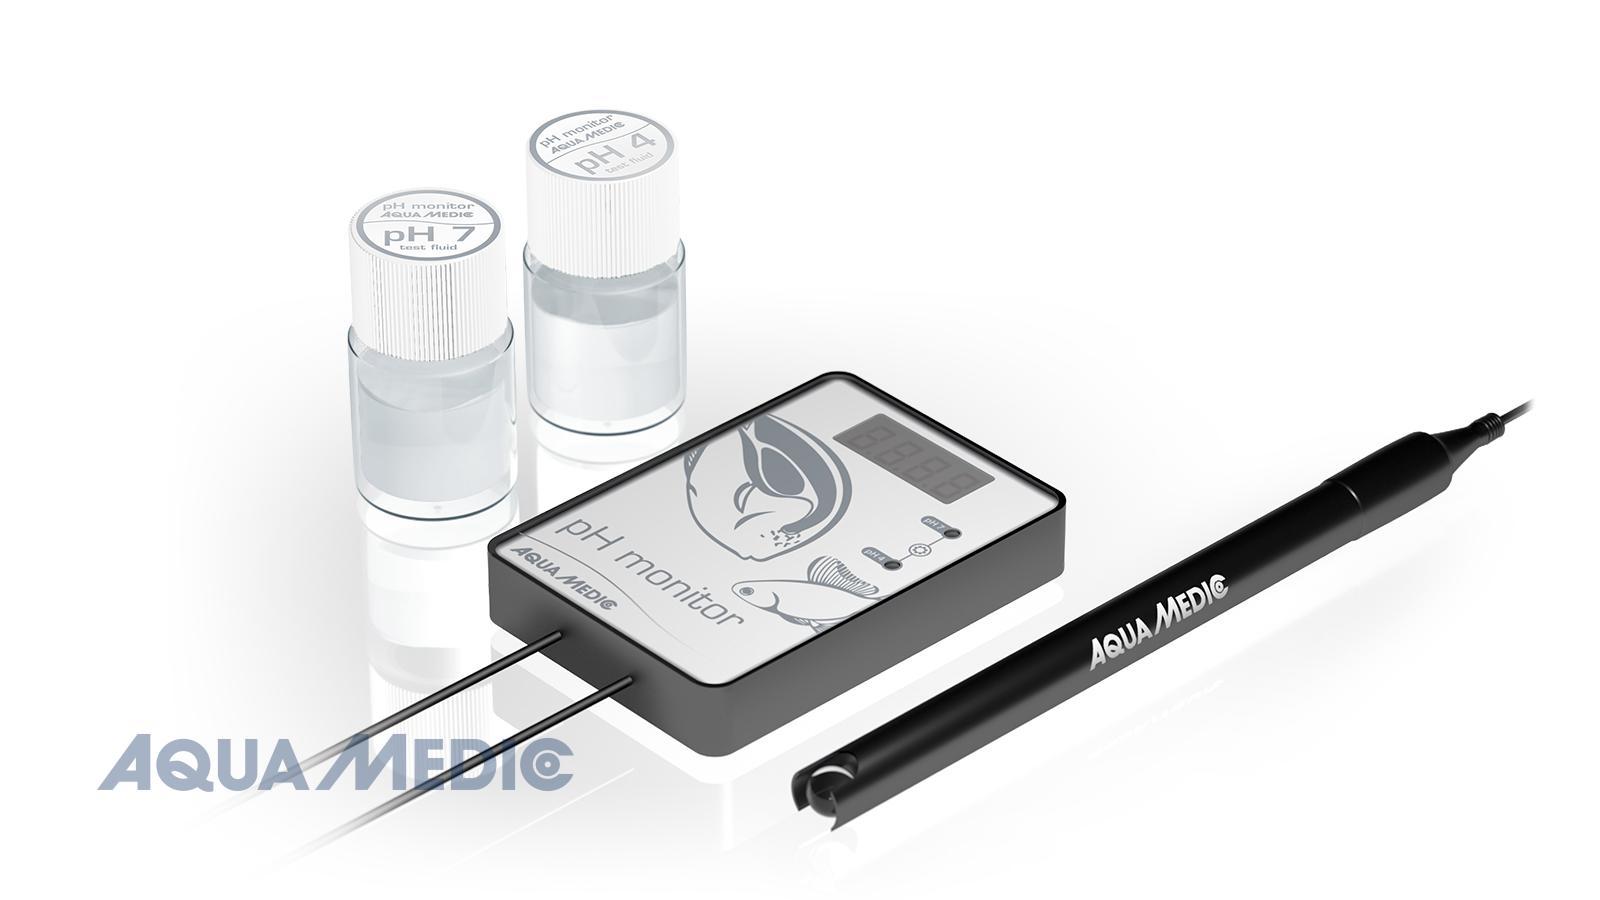 pH monitor - pH Messgerät zur genauen Messung des pH-Wertes